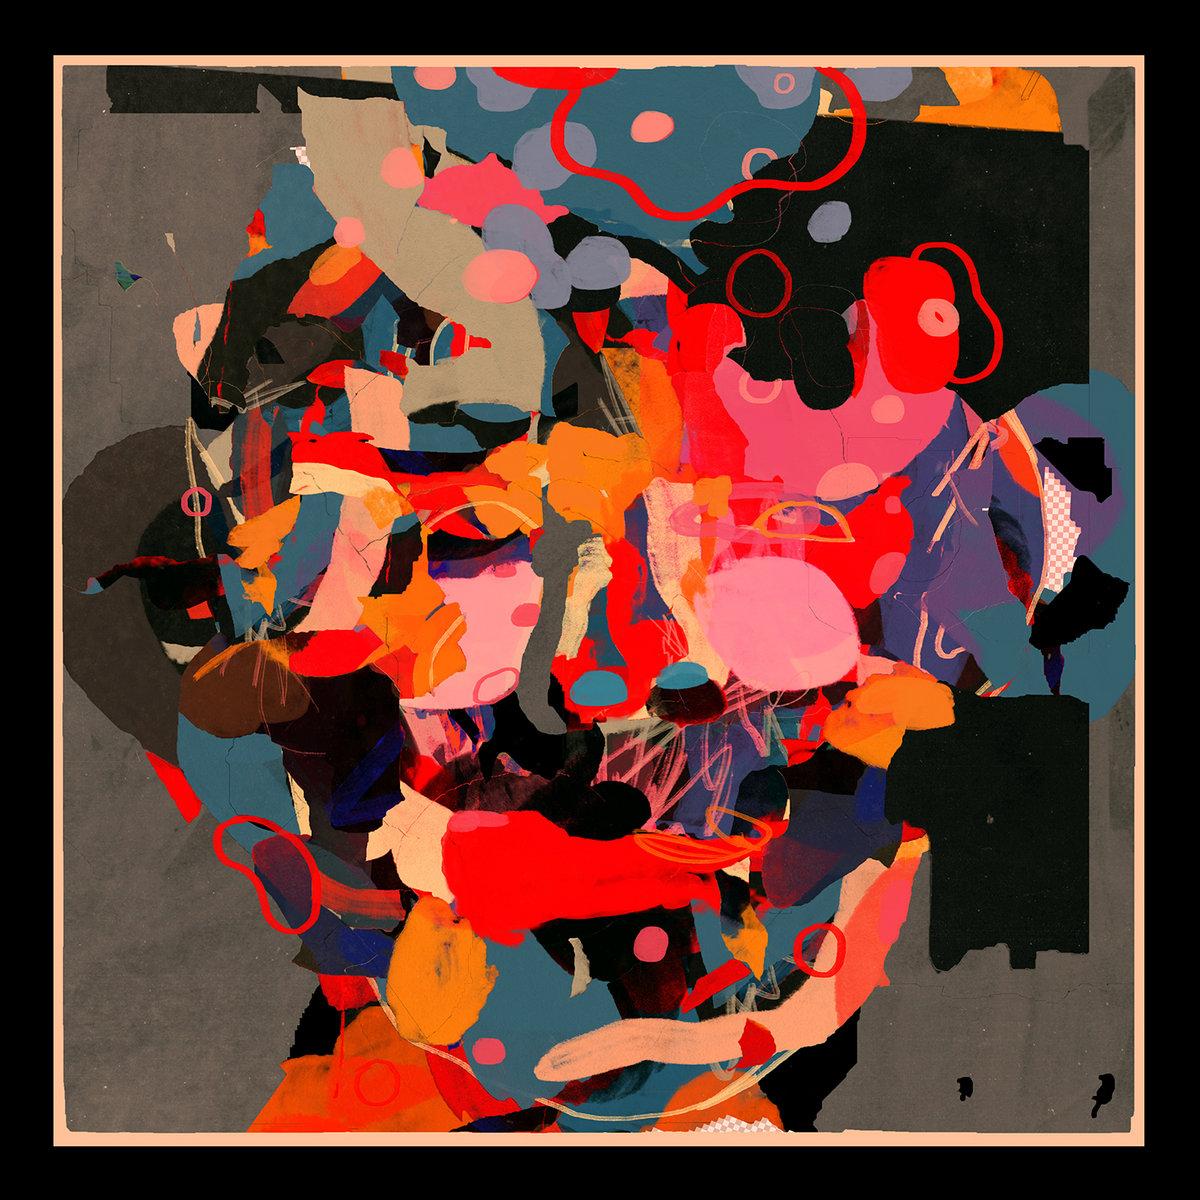 09-Clap! Clap - Liquid Portraits